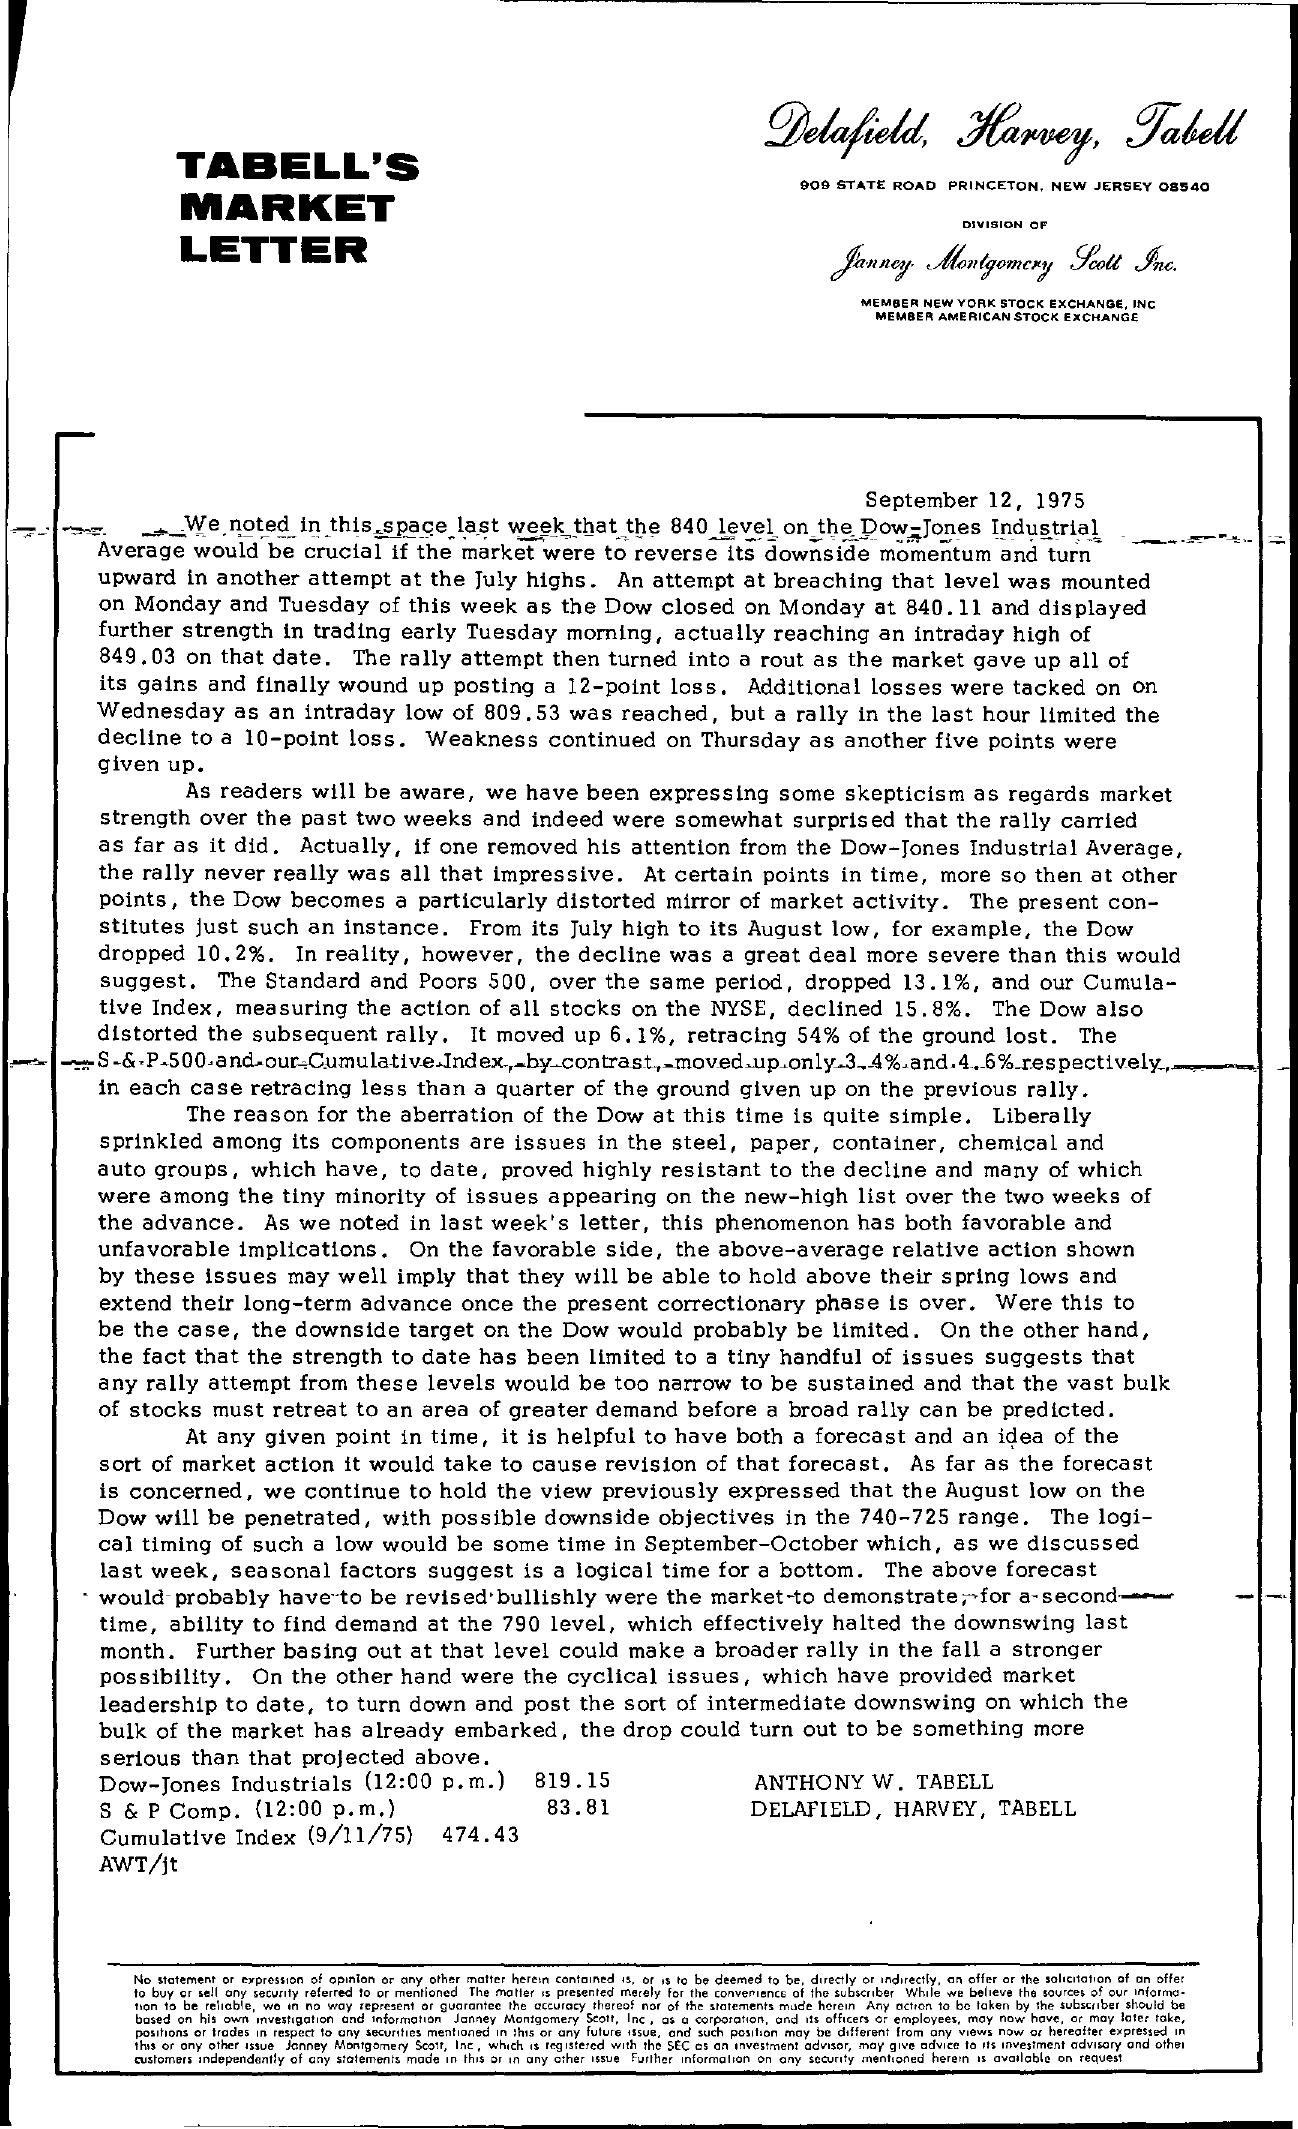 Tabell's Market Letter - September 12, 1975